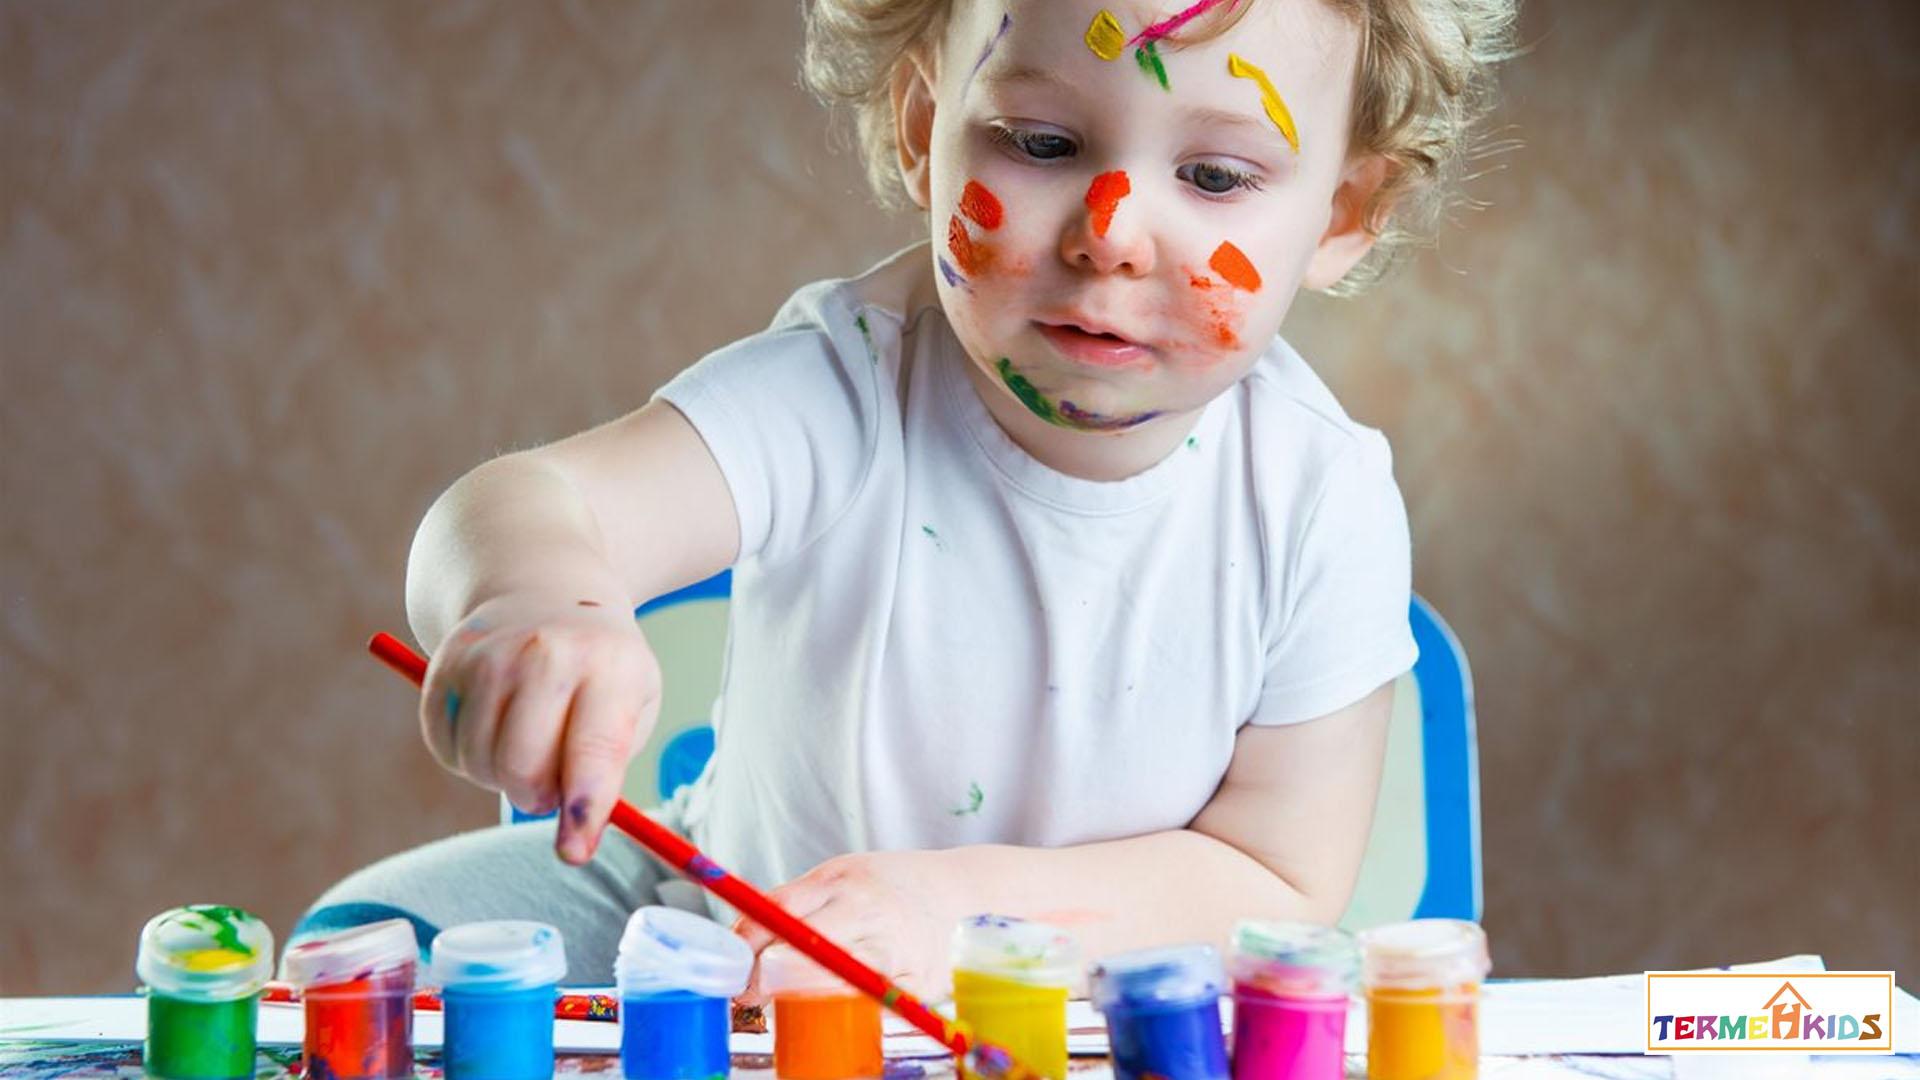 طراحی لباس کودک برگرفته از نقاشی کودکان